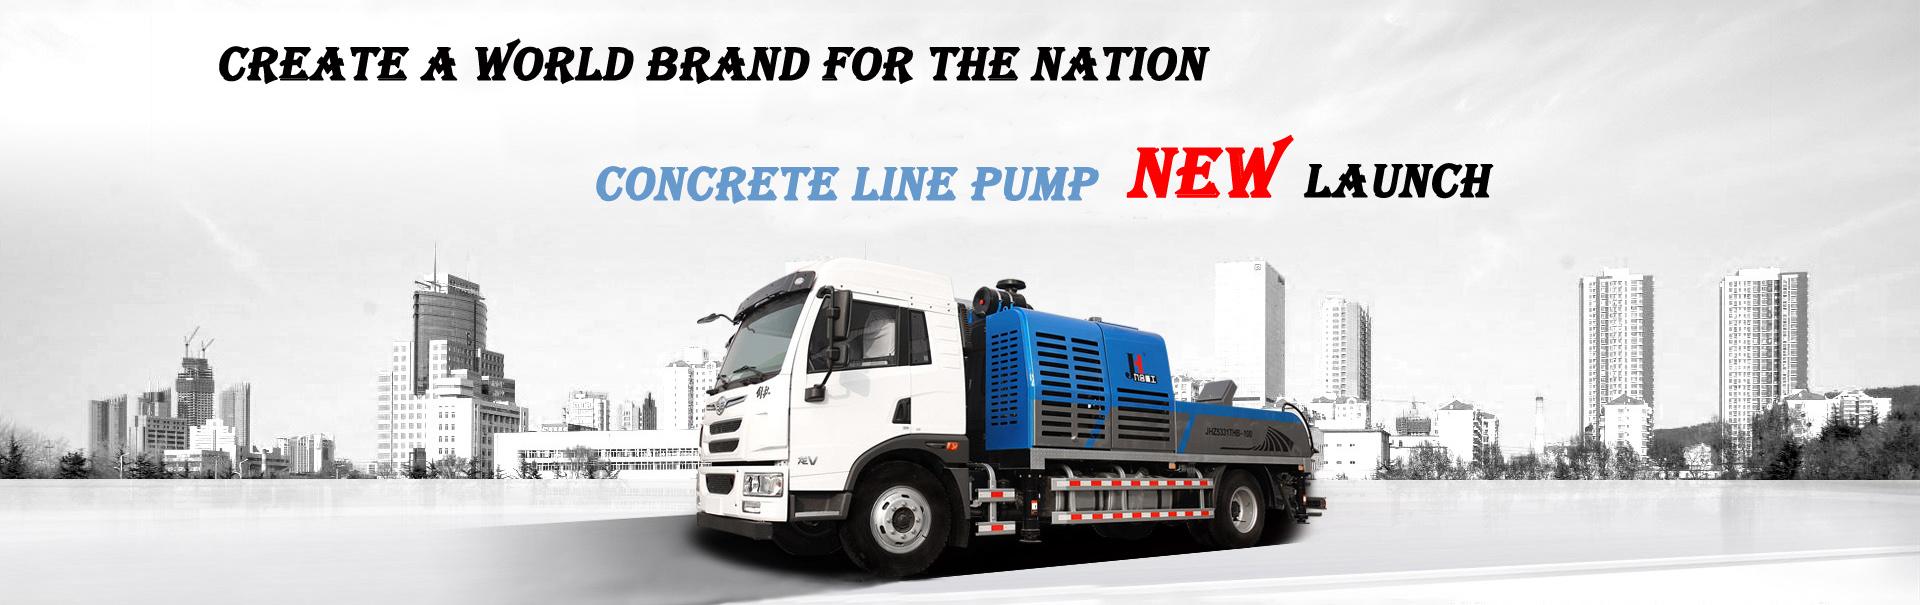 Concrete Line Pump Truck,Truck Mounted Concrete Pump